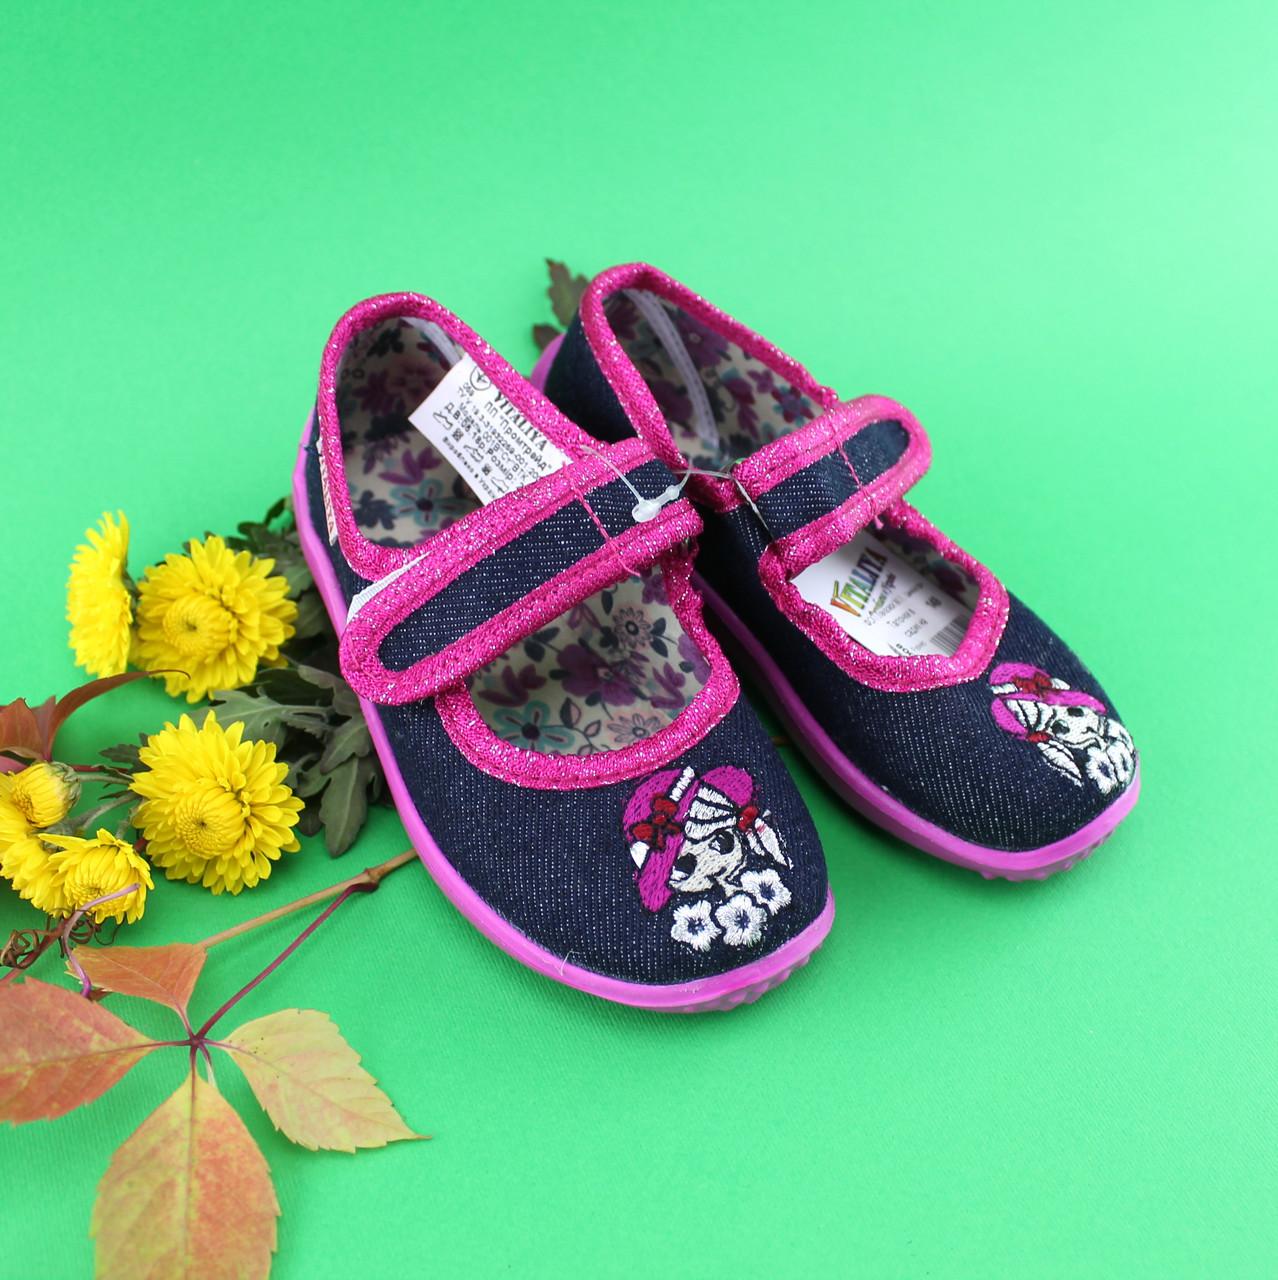 Тапочки в садик на девочку, текстильная обувь Vitaliya Виталия Украина, размеры 28-31,5., фото 1